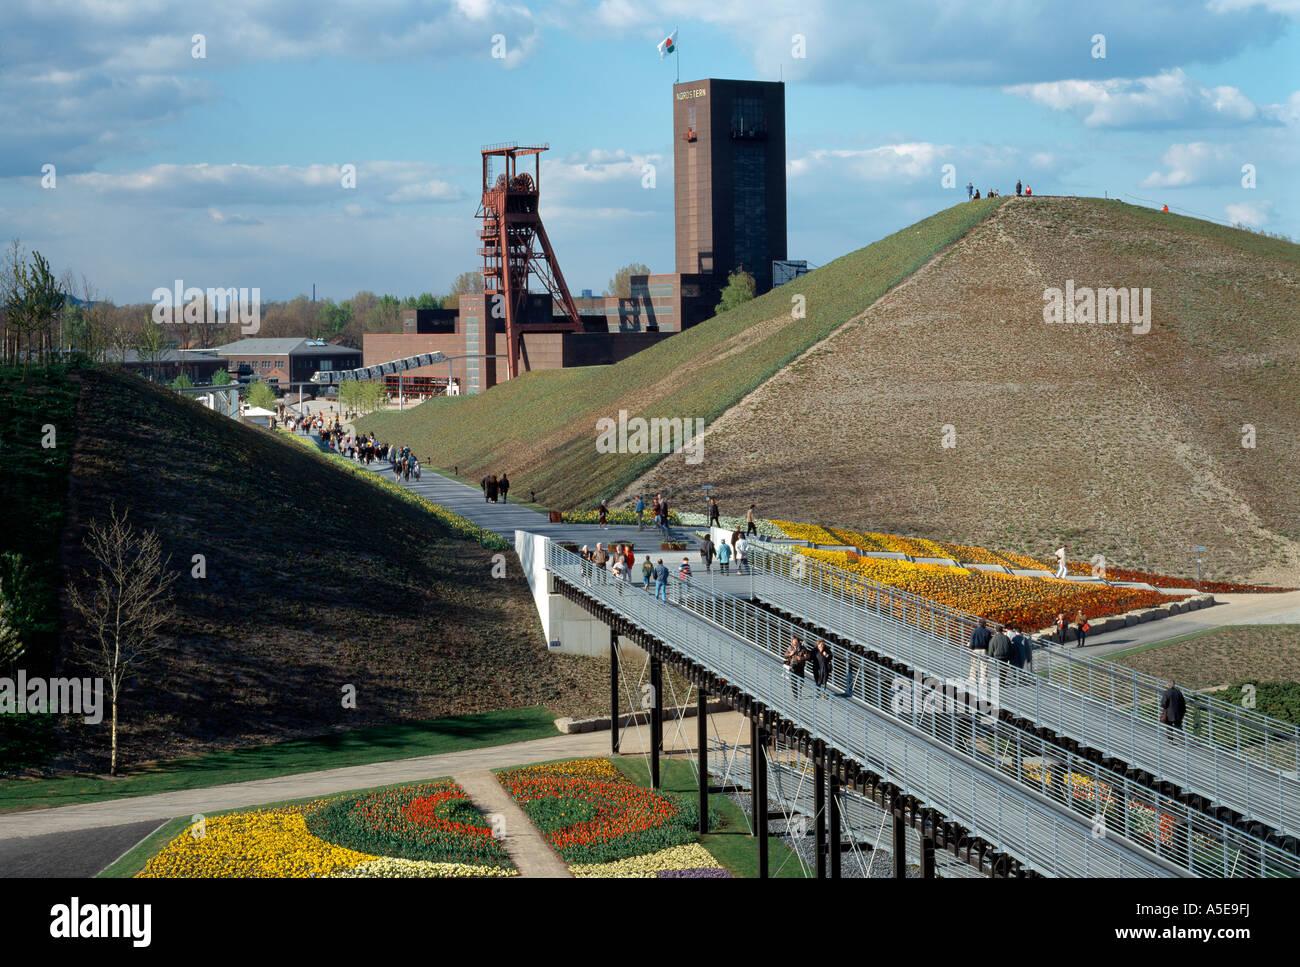 Gelsenkirchen, ehemalige Zeche Nordstern, BUGA 97, Blick von Kohlenmischanlage auf Haldendurchbruch Stock Photo